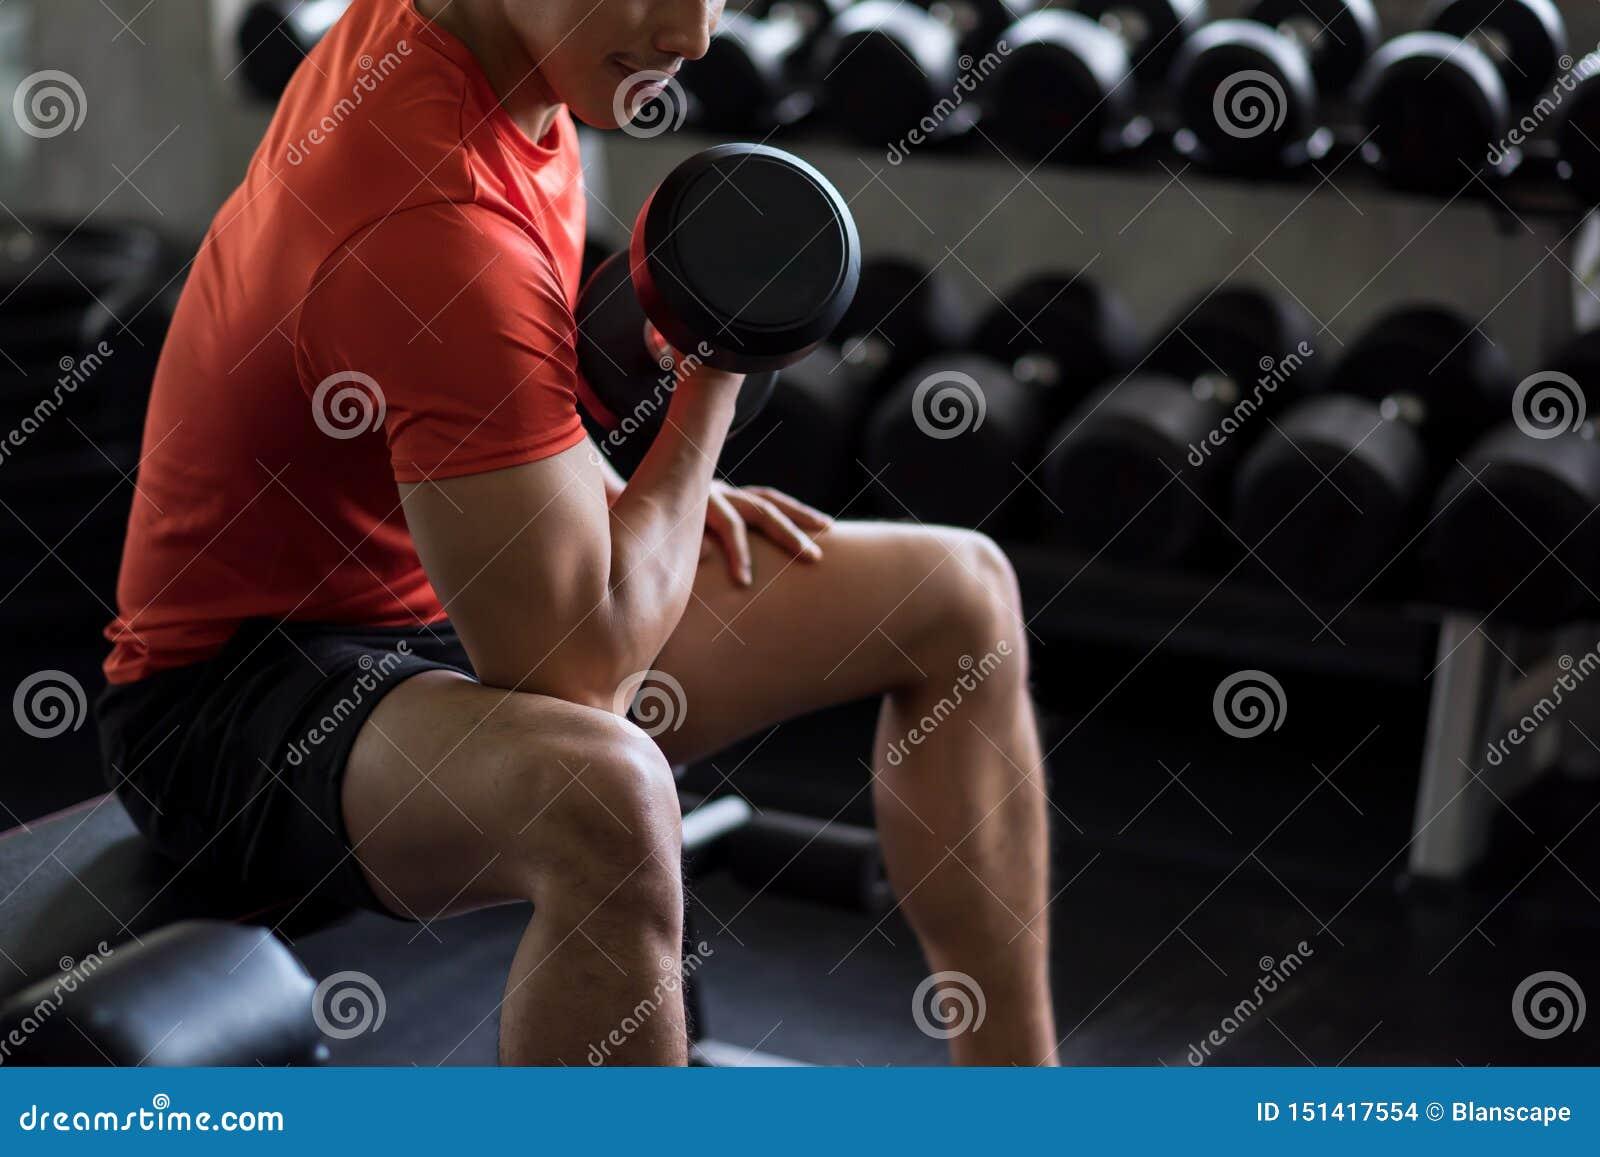 Bodybuilderoefening met domoor in gymnastiek